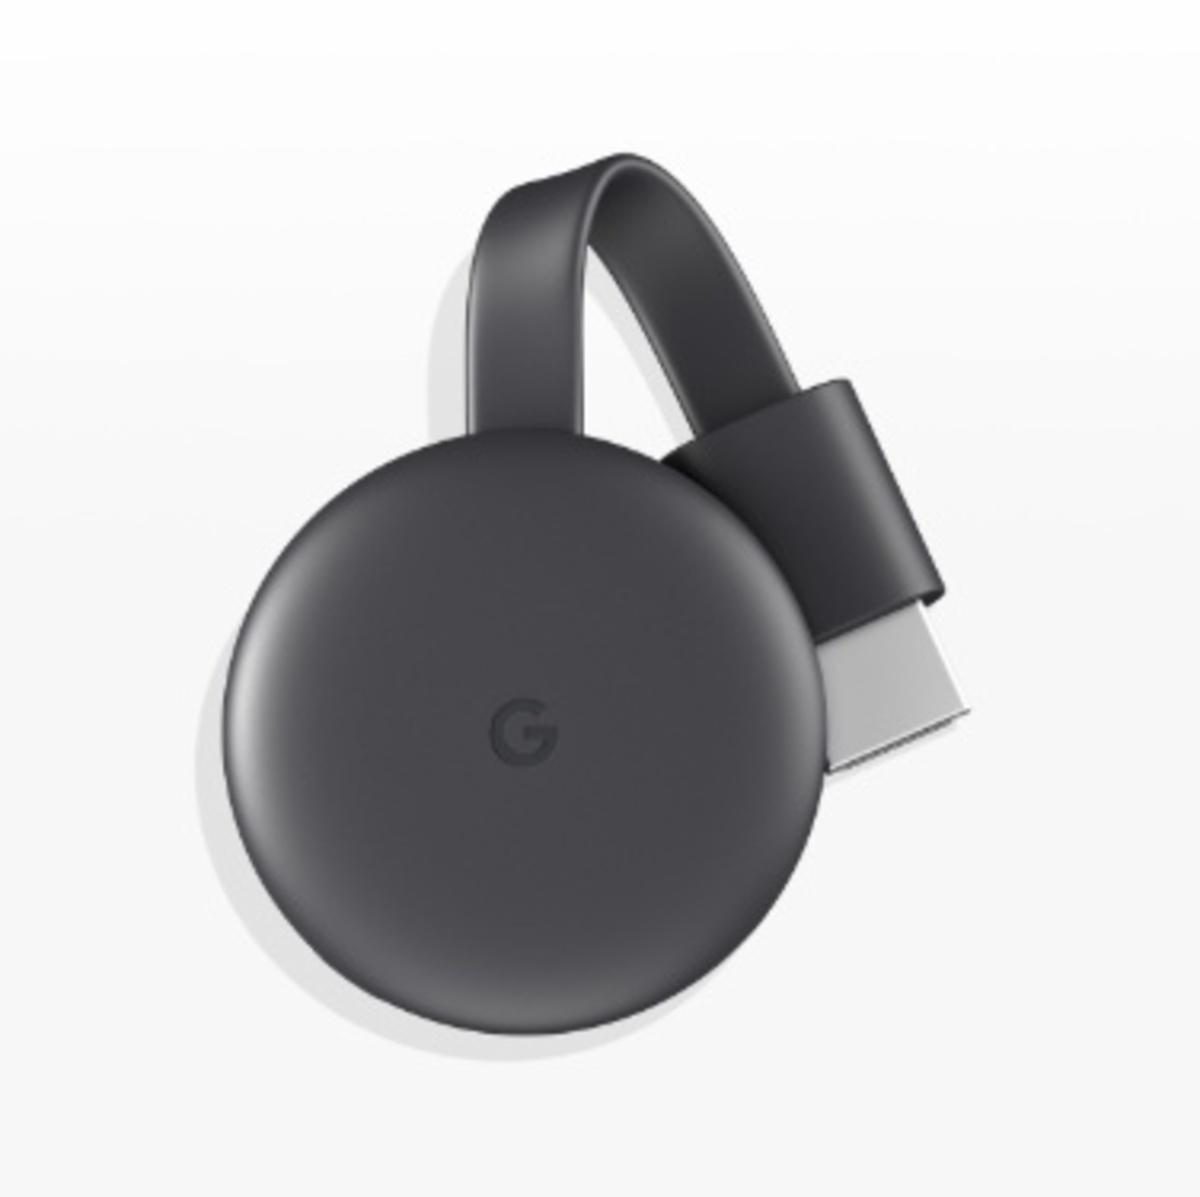 Chromecast 3(Black) 1 Year Warranty